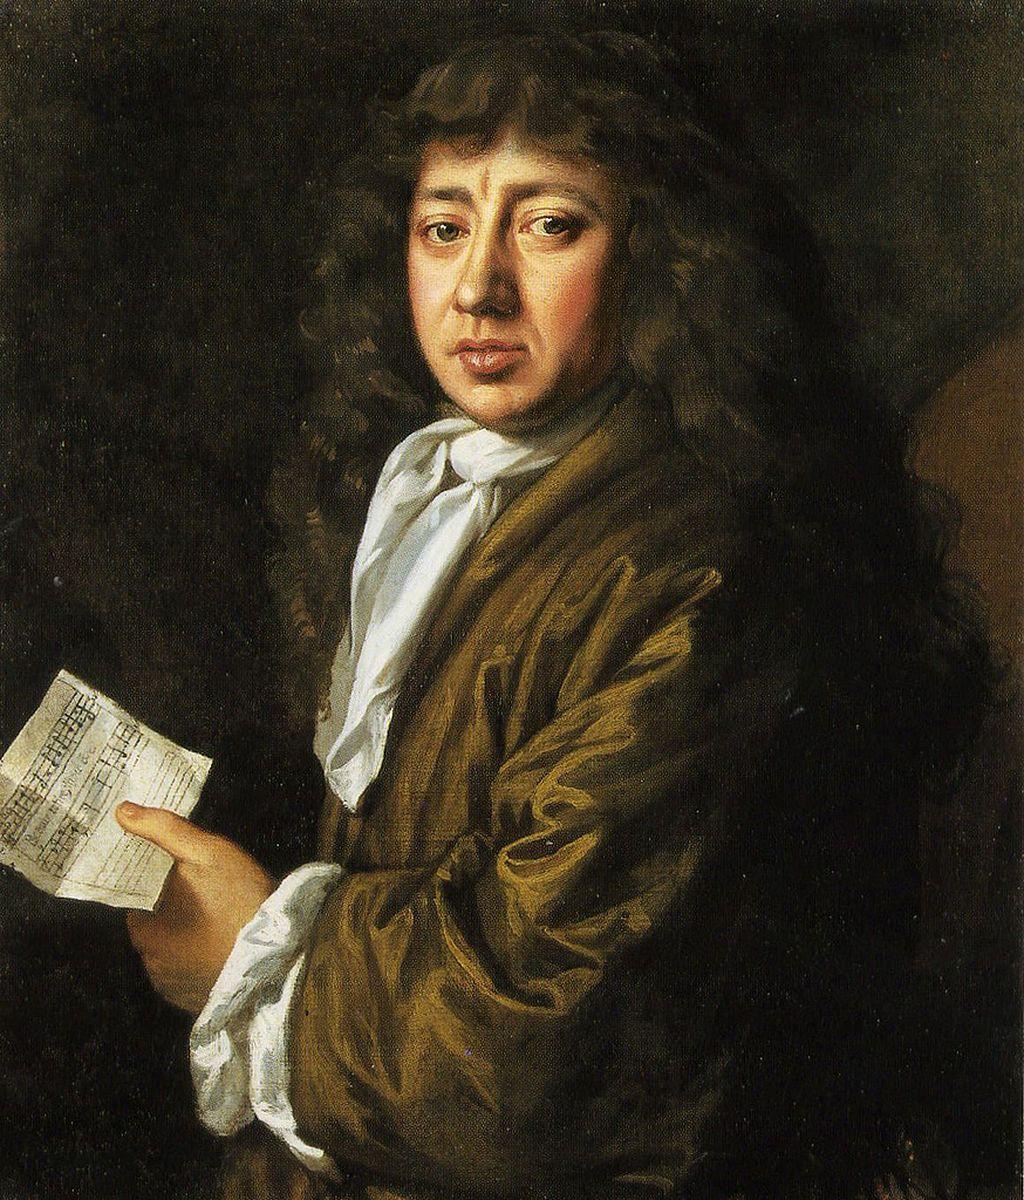 17世纪的英国日记作家、政治家塞缪尔·皮普斯(Samuel Pepys)